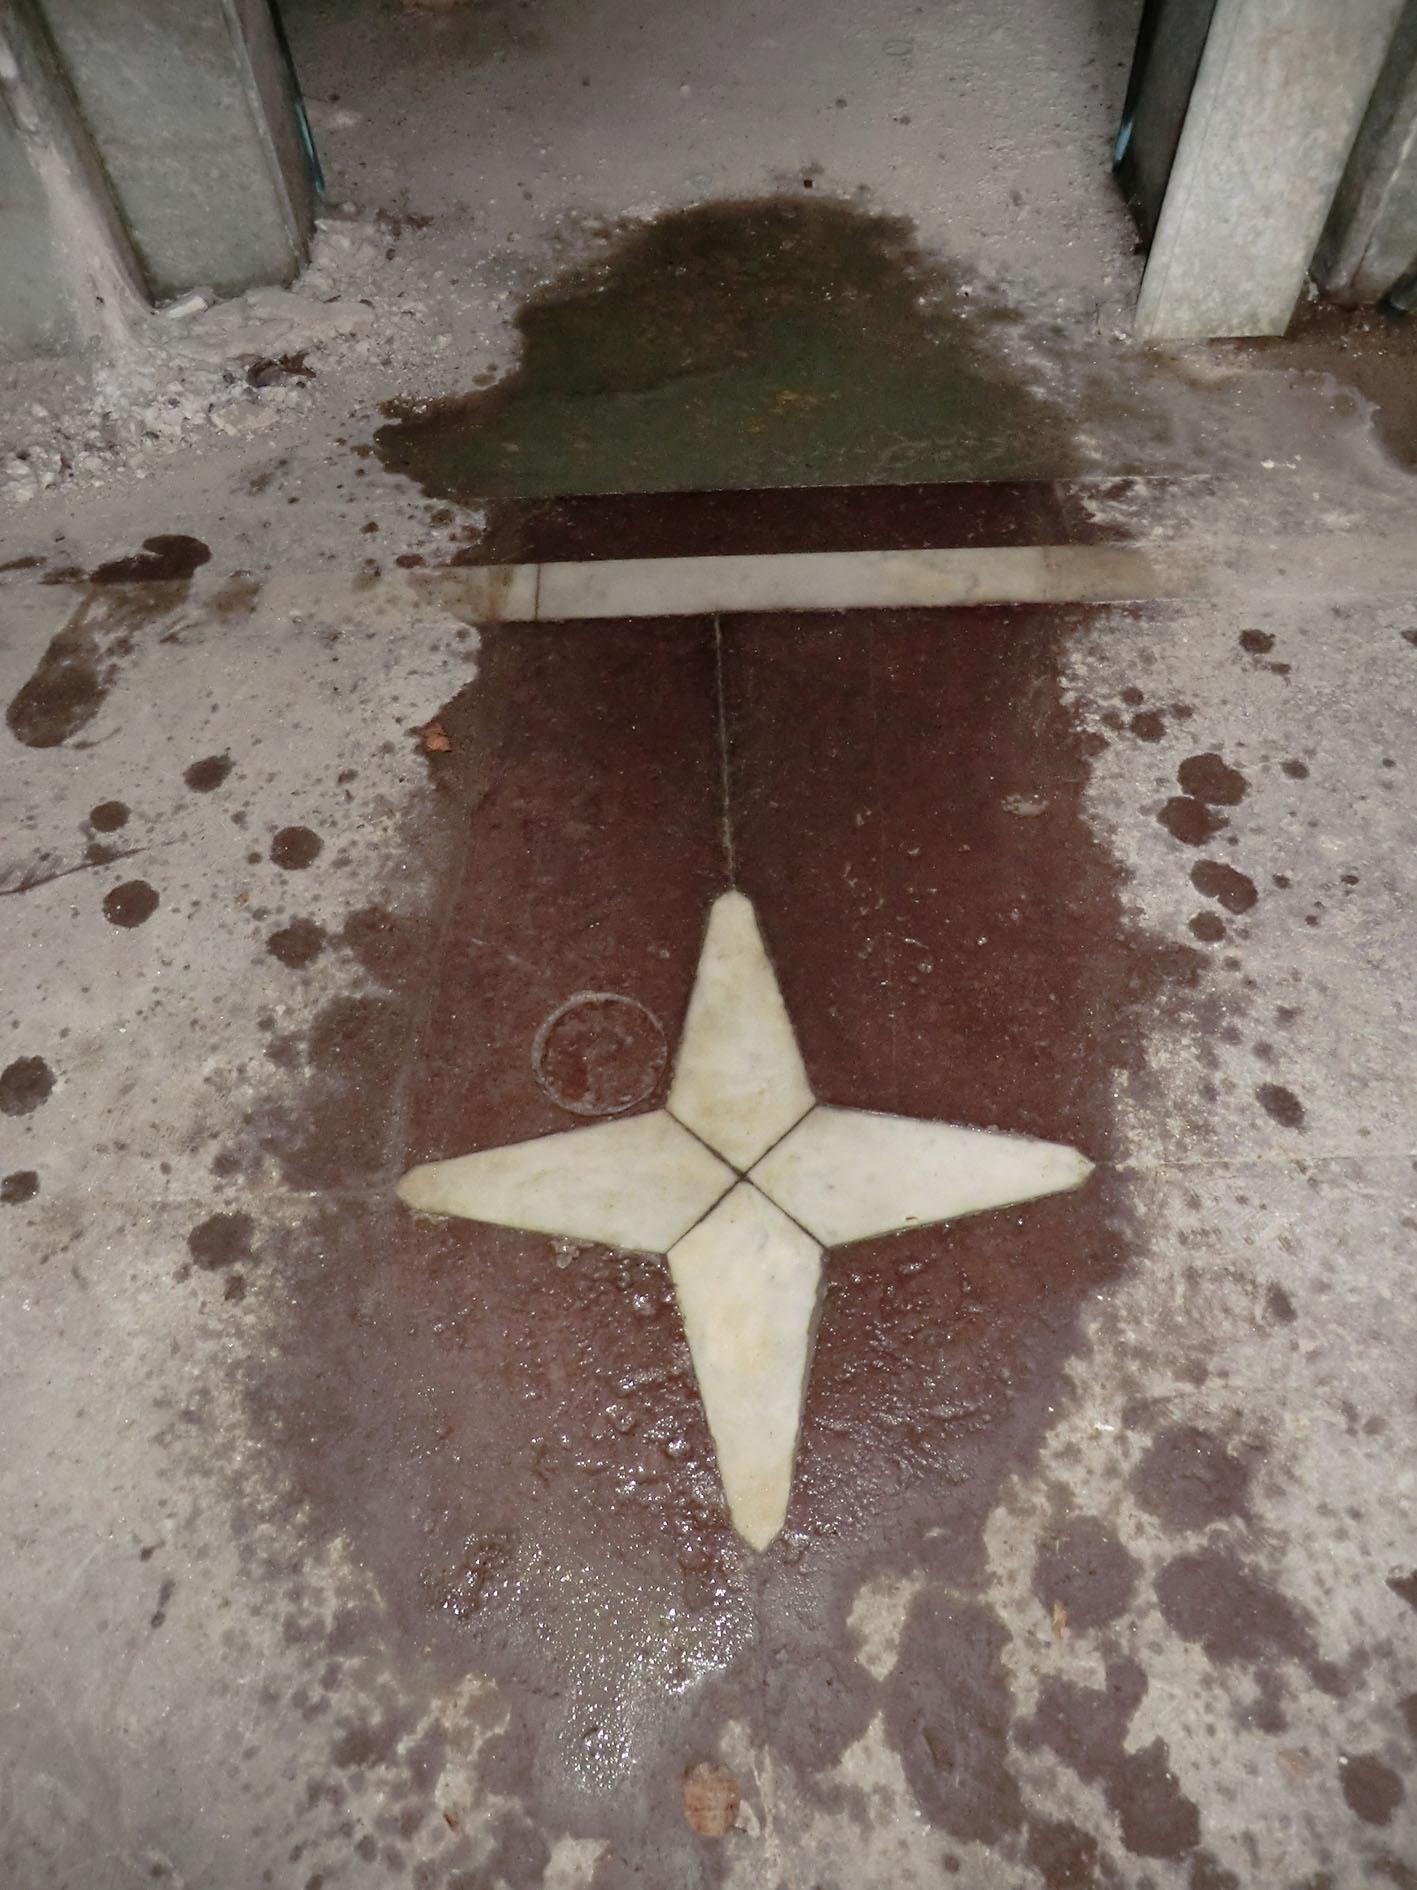 Del av golvet efter rengöring med vatten